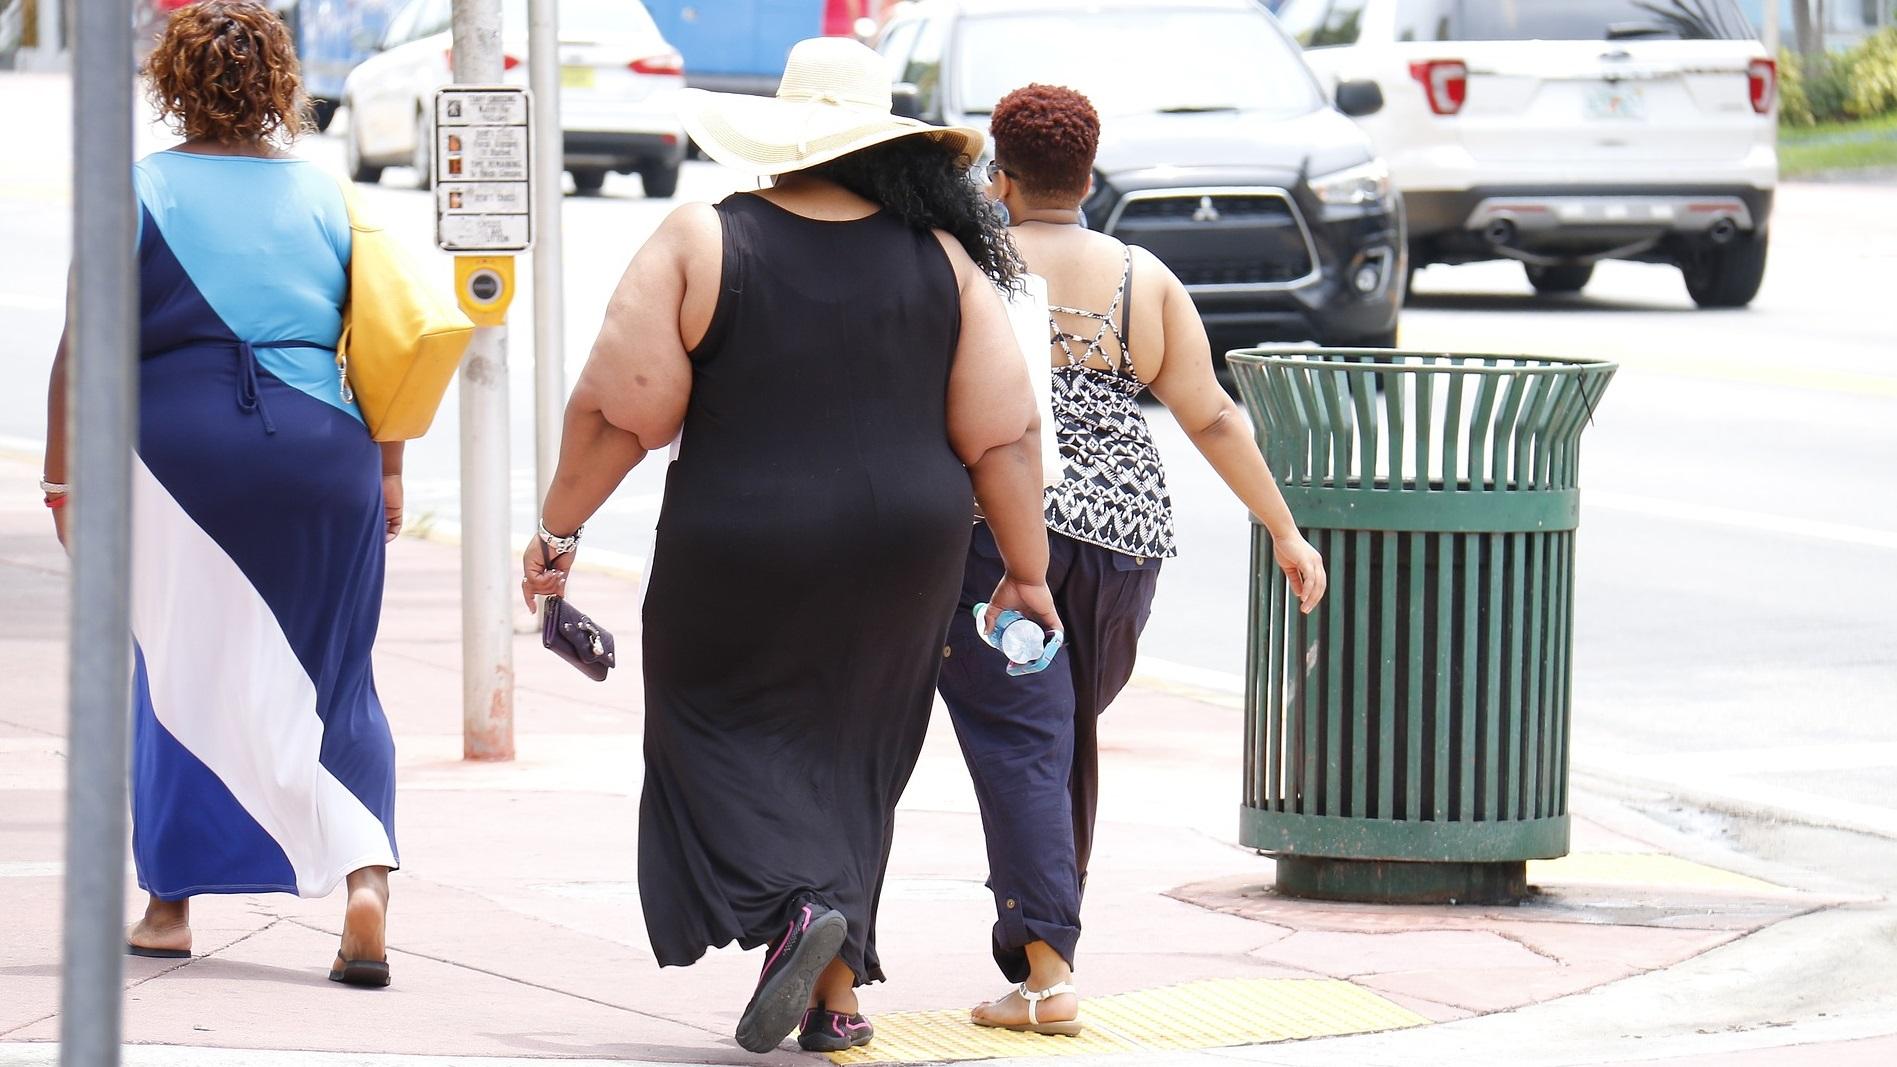 Že izguba nekaj kg telesne teže skoraj prepolovi tveganje za sladkorno bolezen